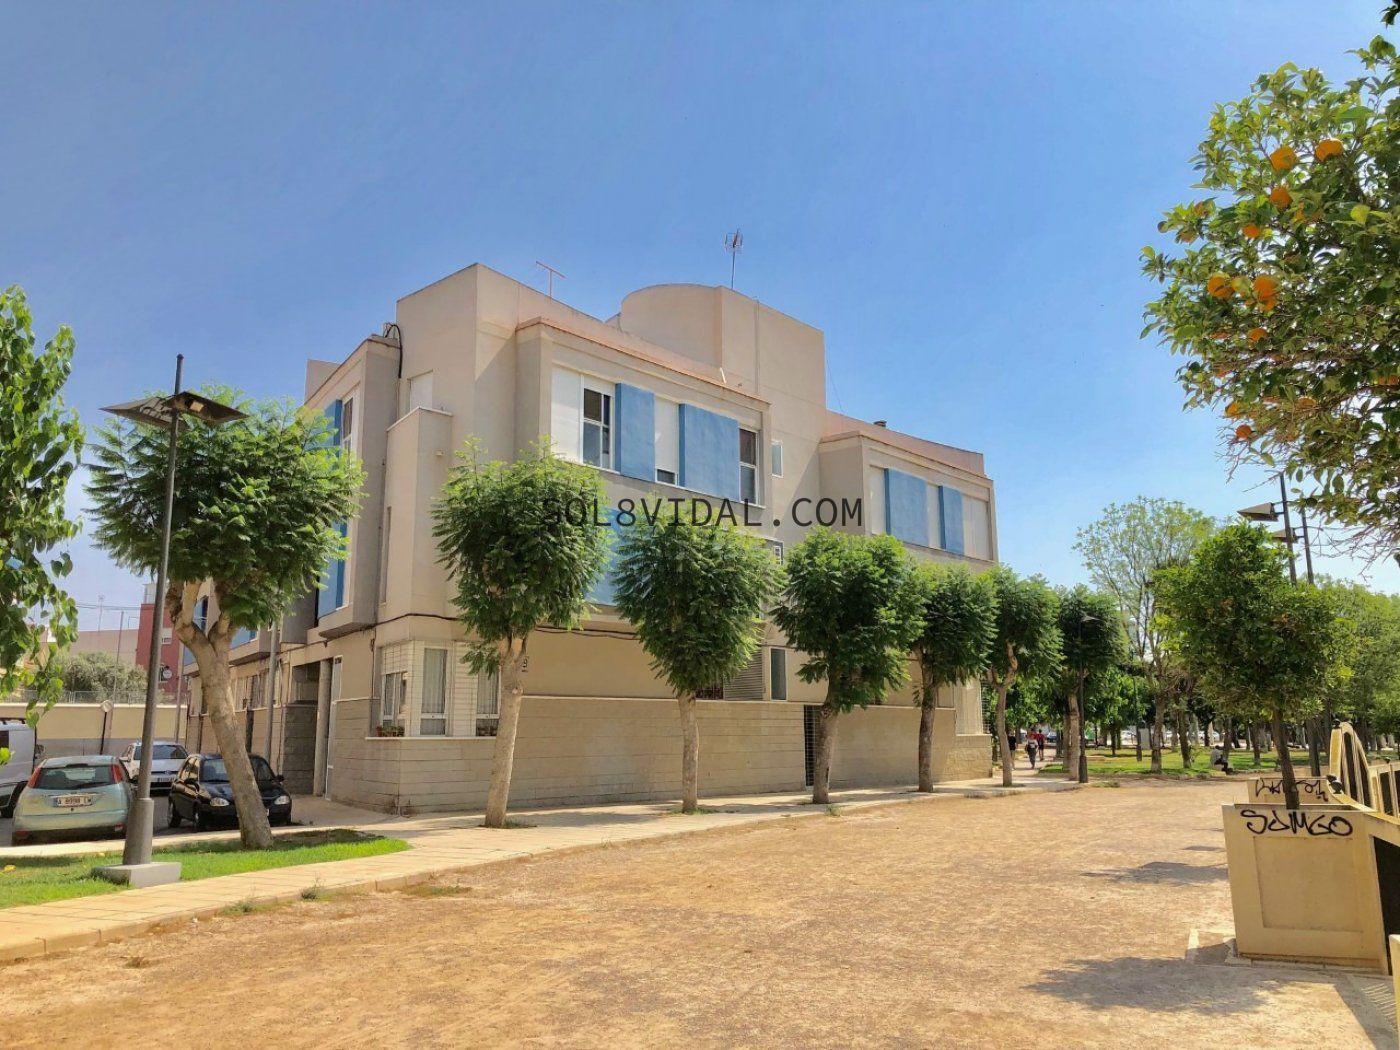 Duplex for rent in 03300, Orihuela